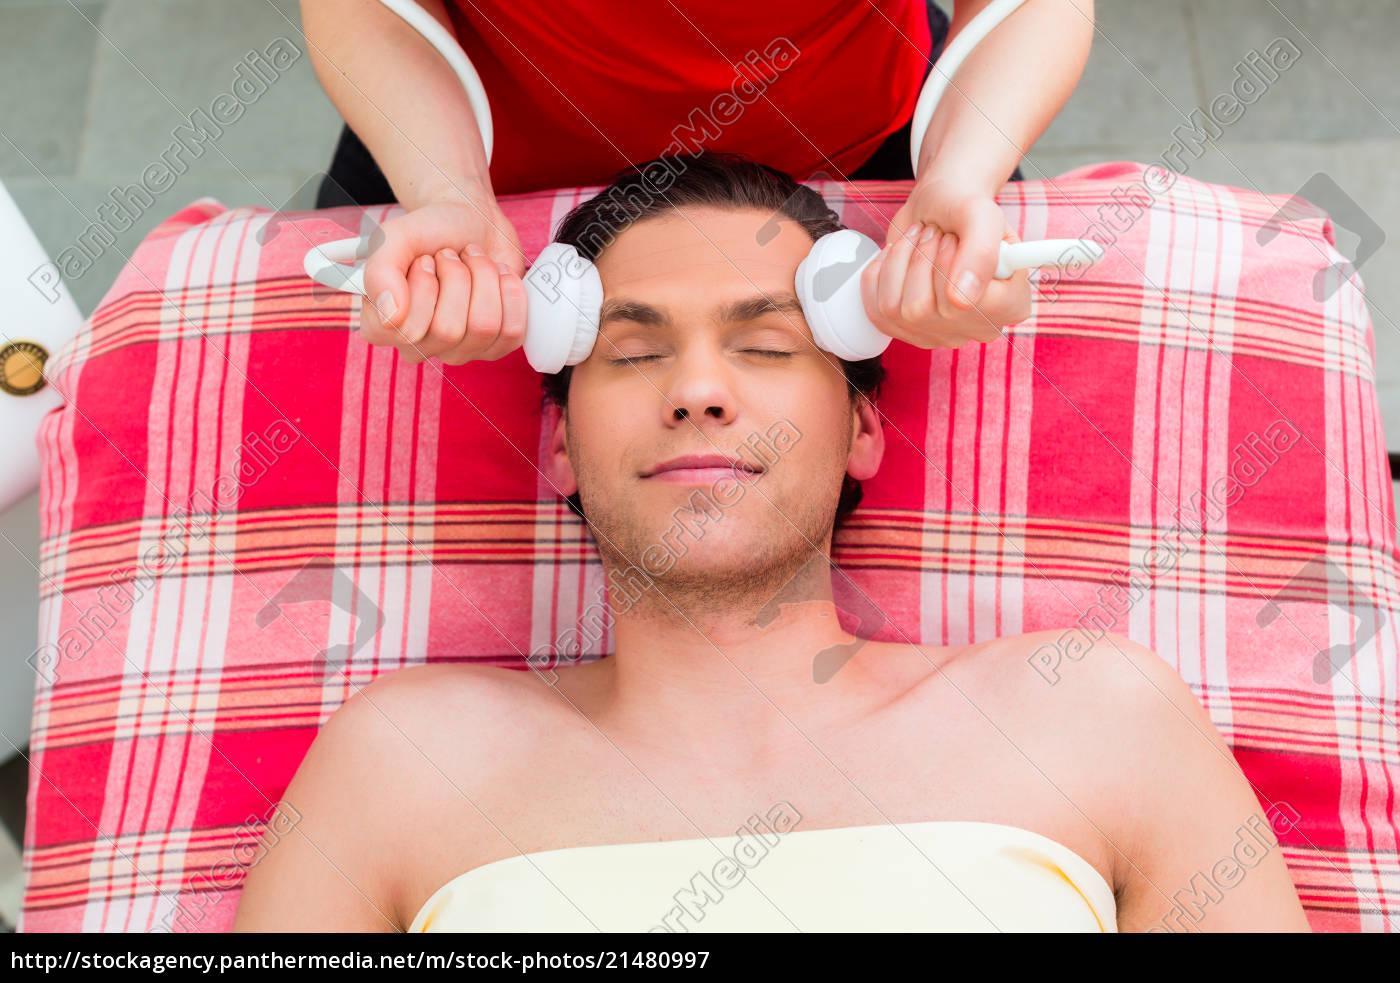 l'uomo, con, massaggio, viso, nel, centro - 21480997